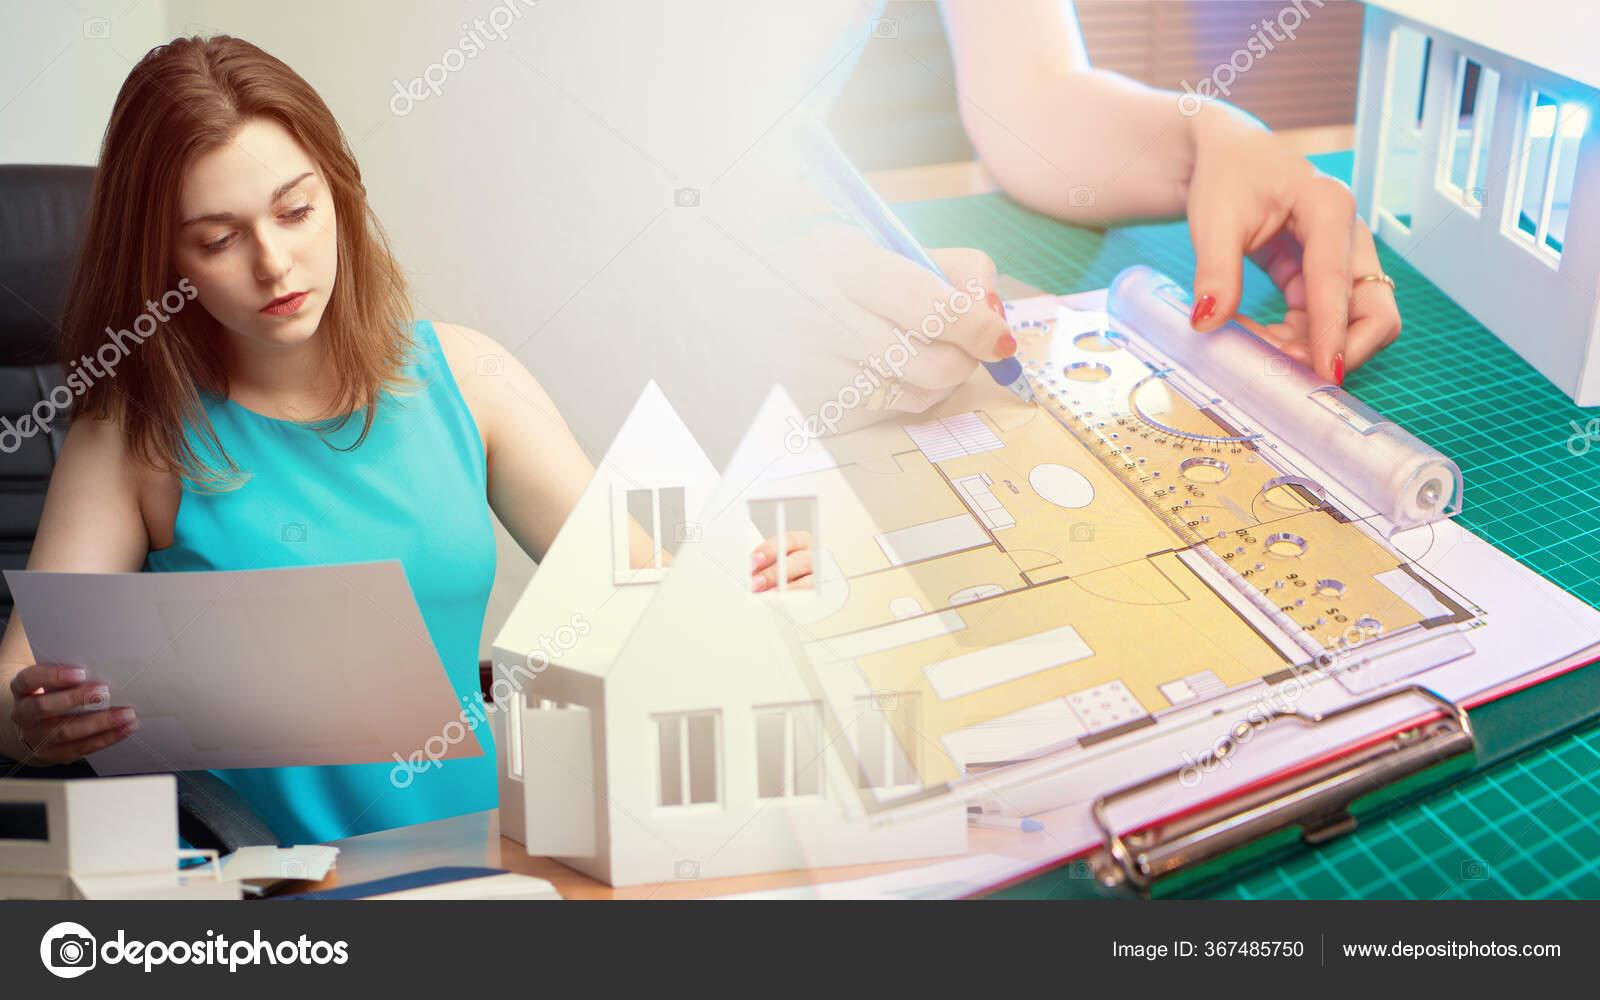 Девушки на работе и домами работа в вебчате крымск